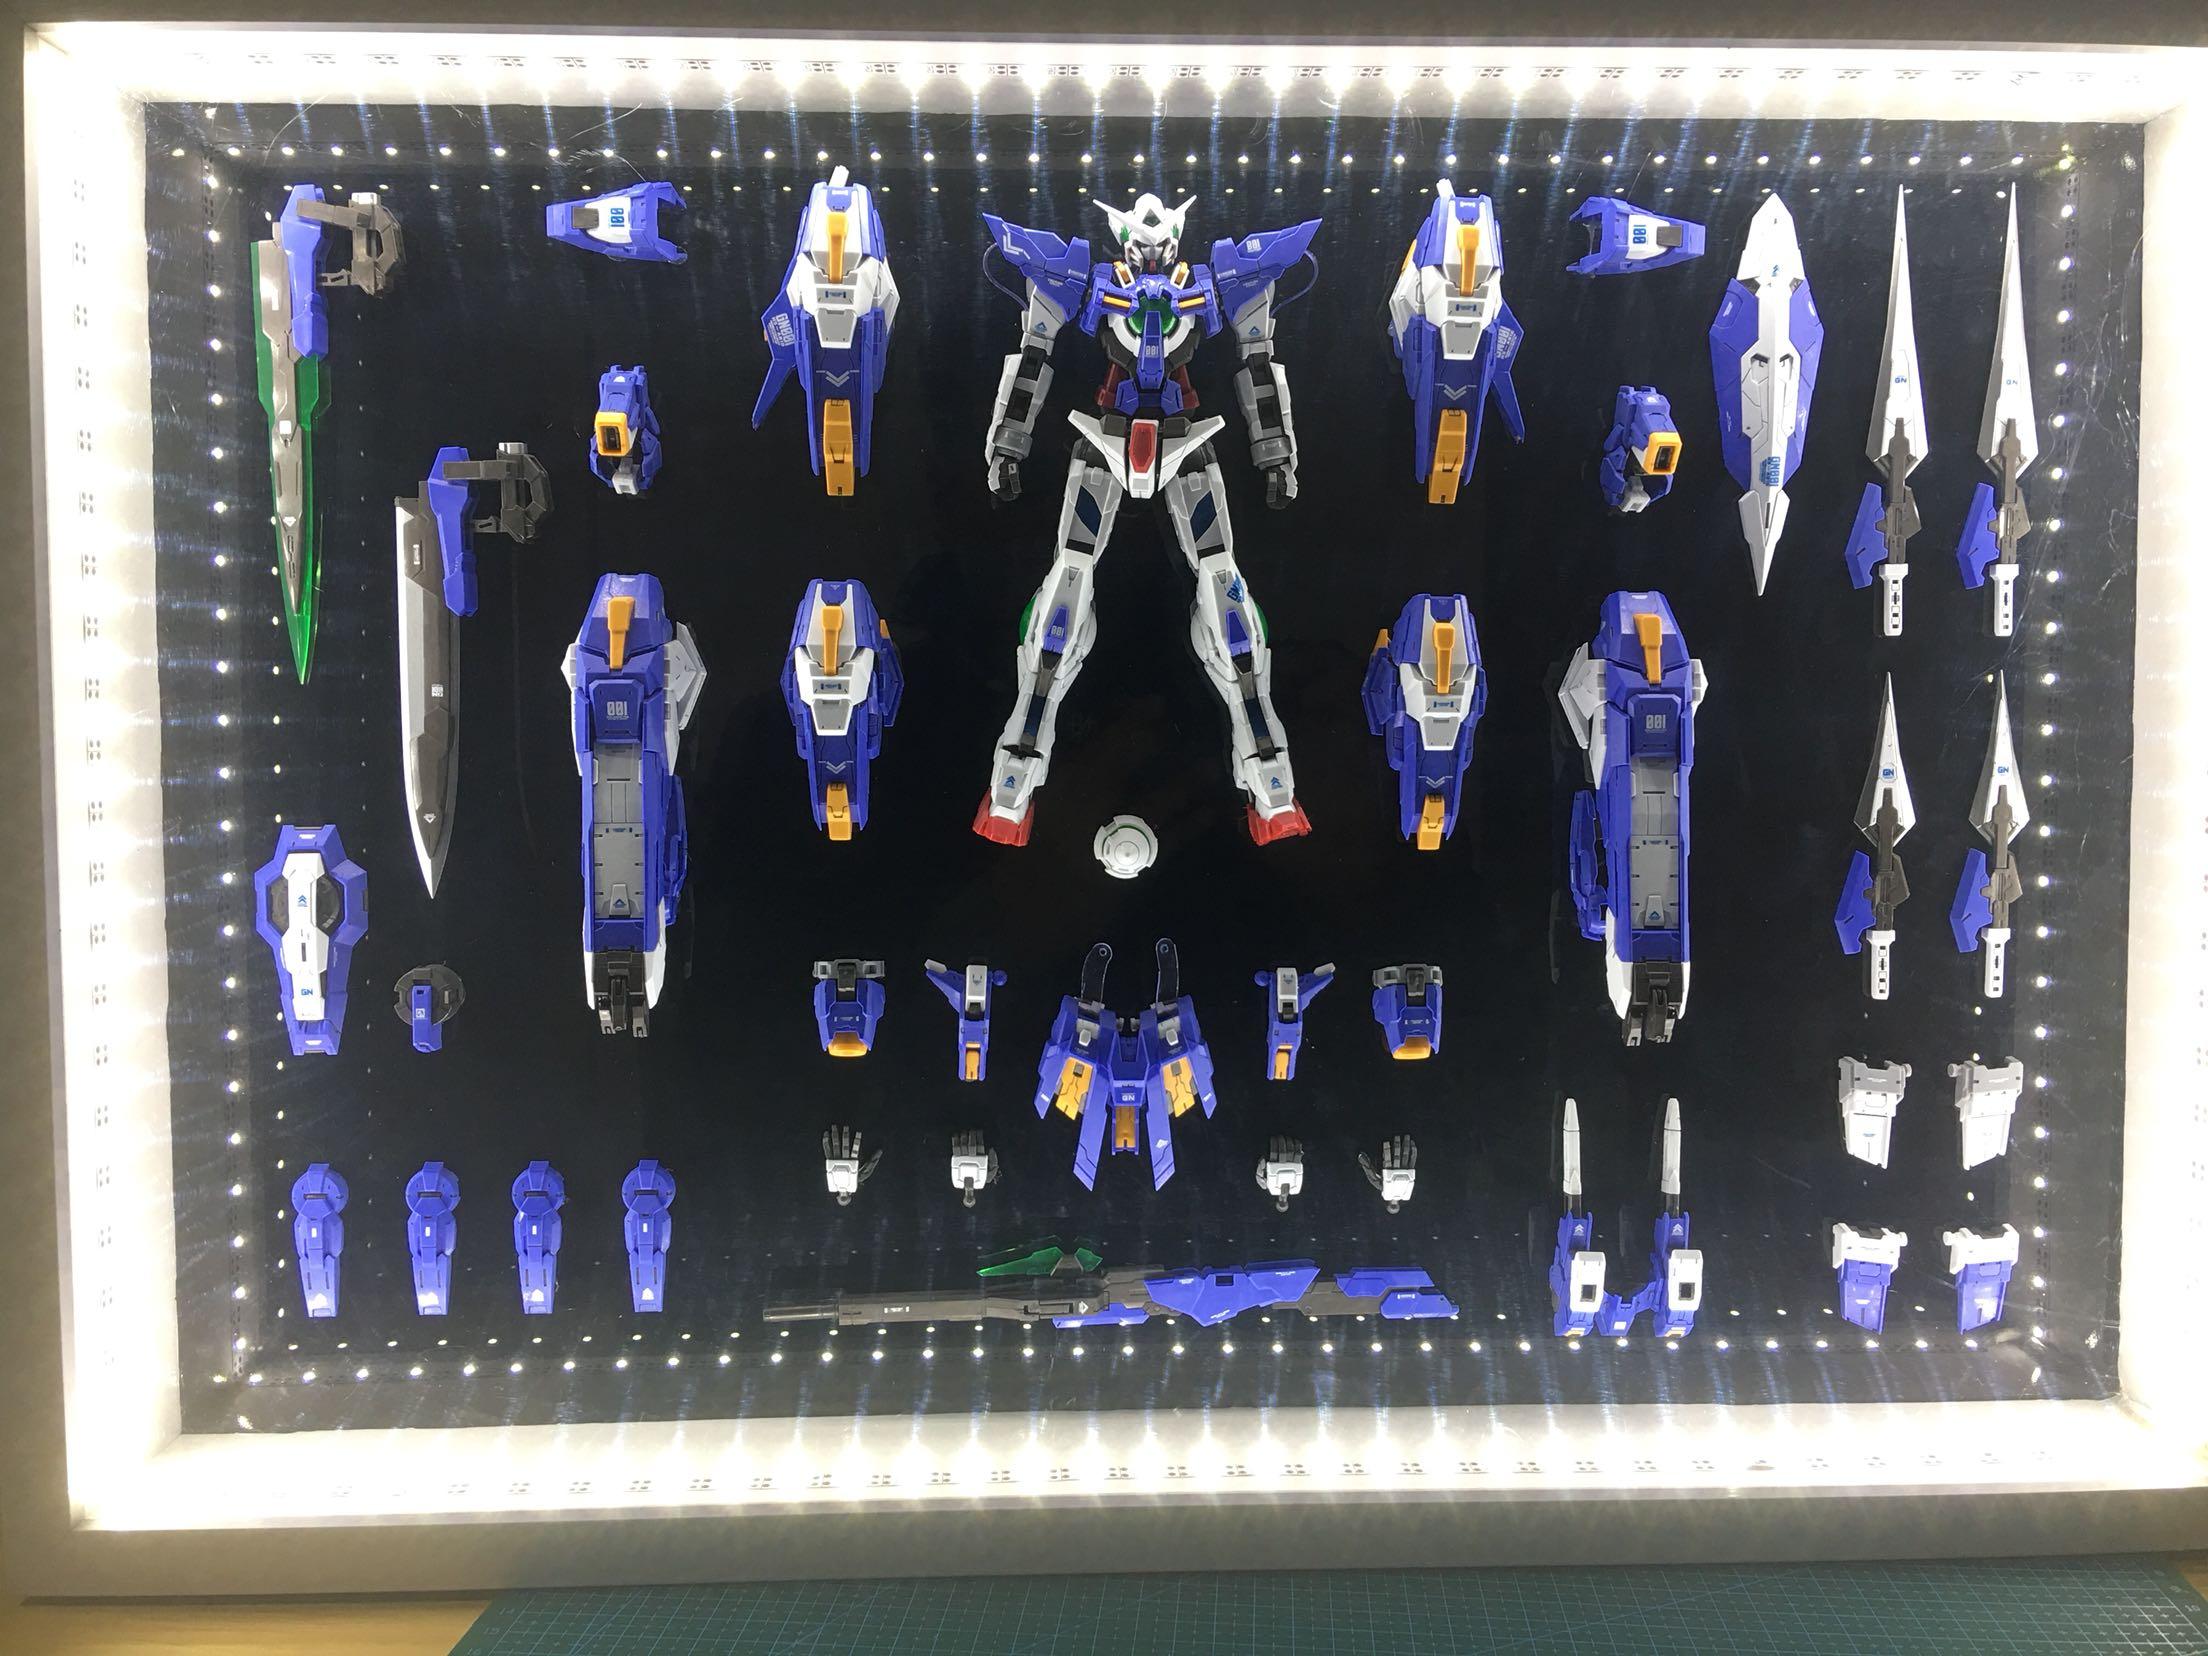 高达模型相框 万代高达hg  rg mg 高达相框制作